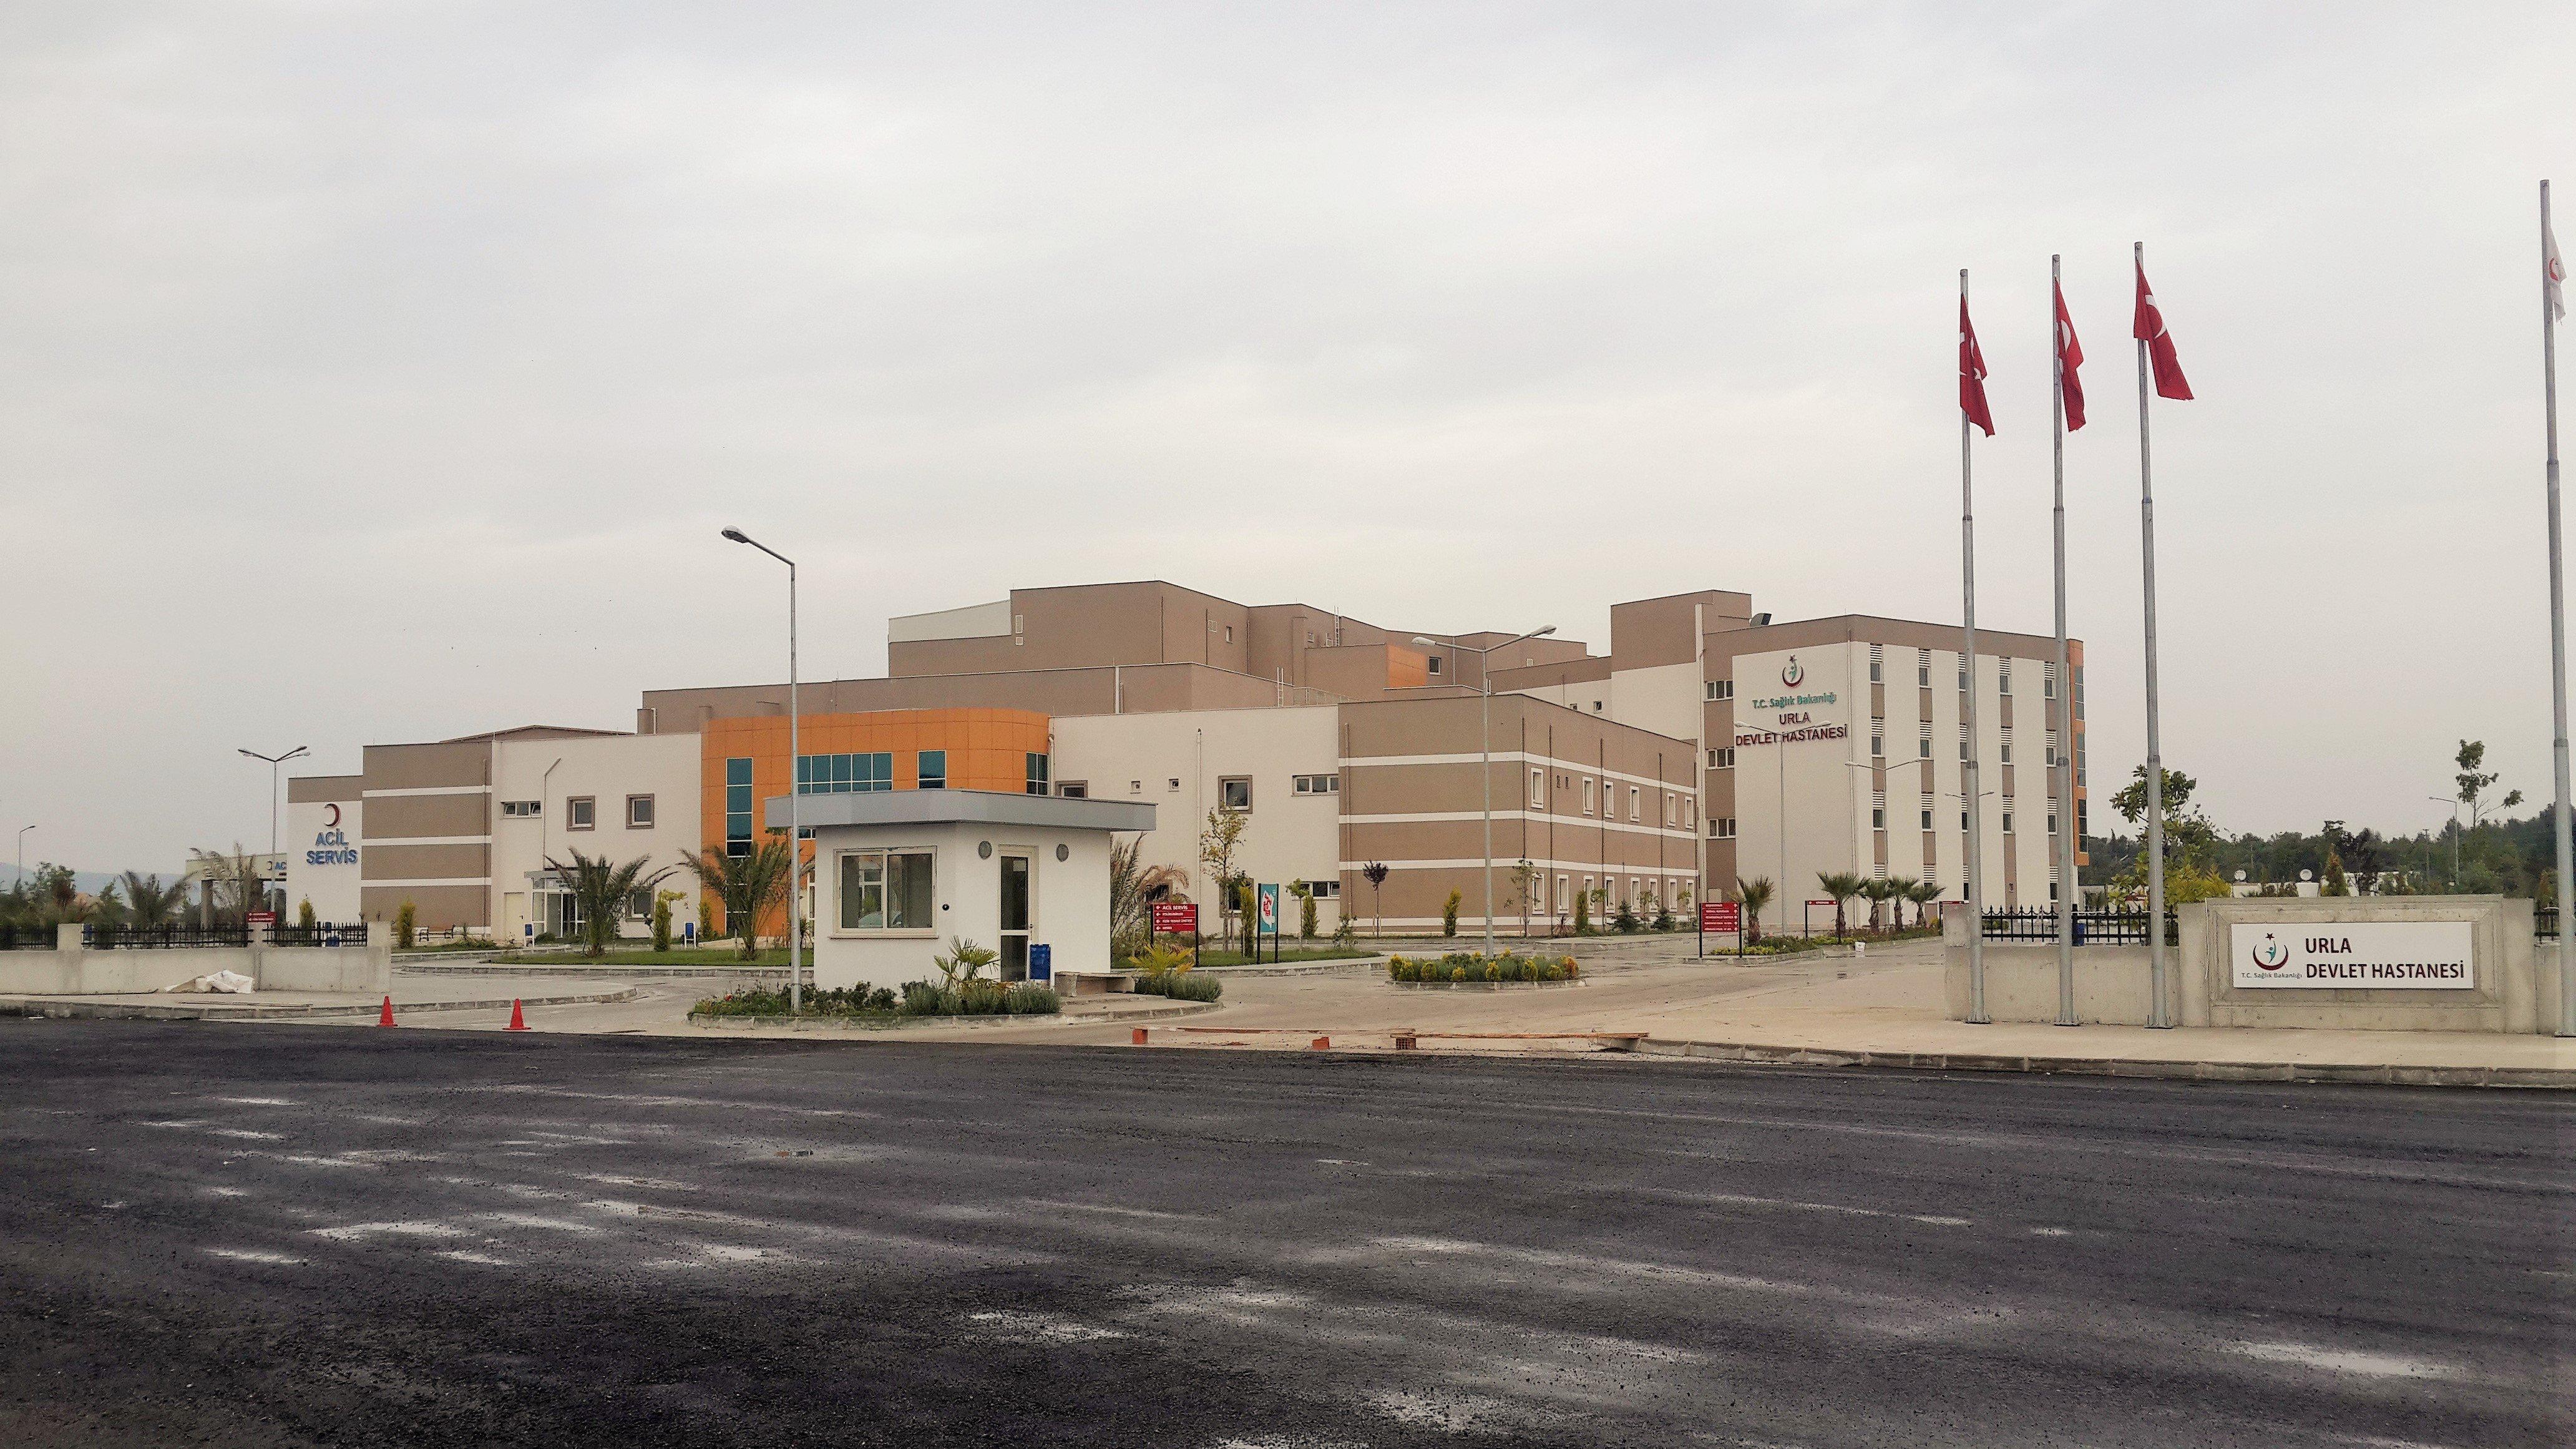 İzmir İli Urla İlçesi 150 Yataklı Devlet Hastanesi İle Altyapı Ve  Çevre Düzenlenmesi İnşaatı İşi